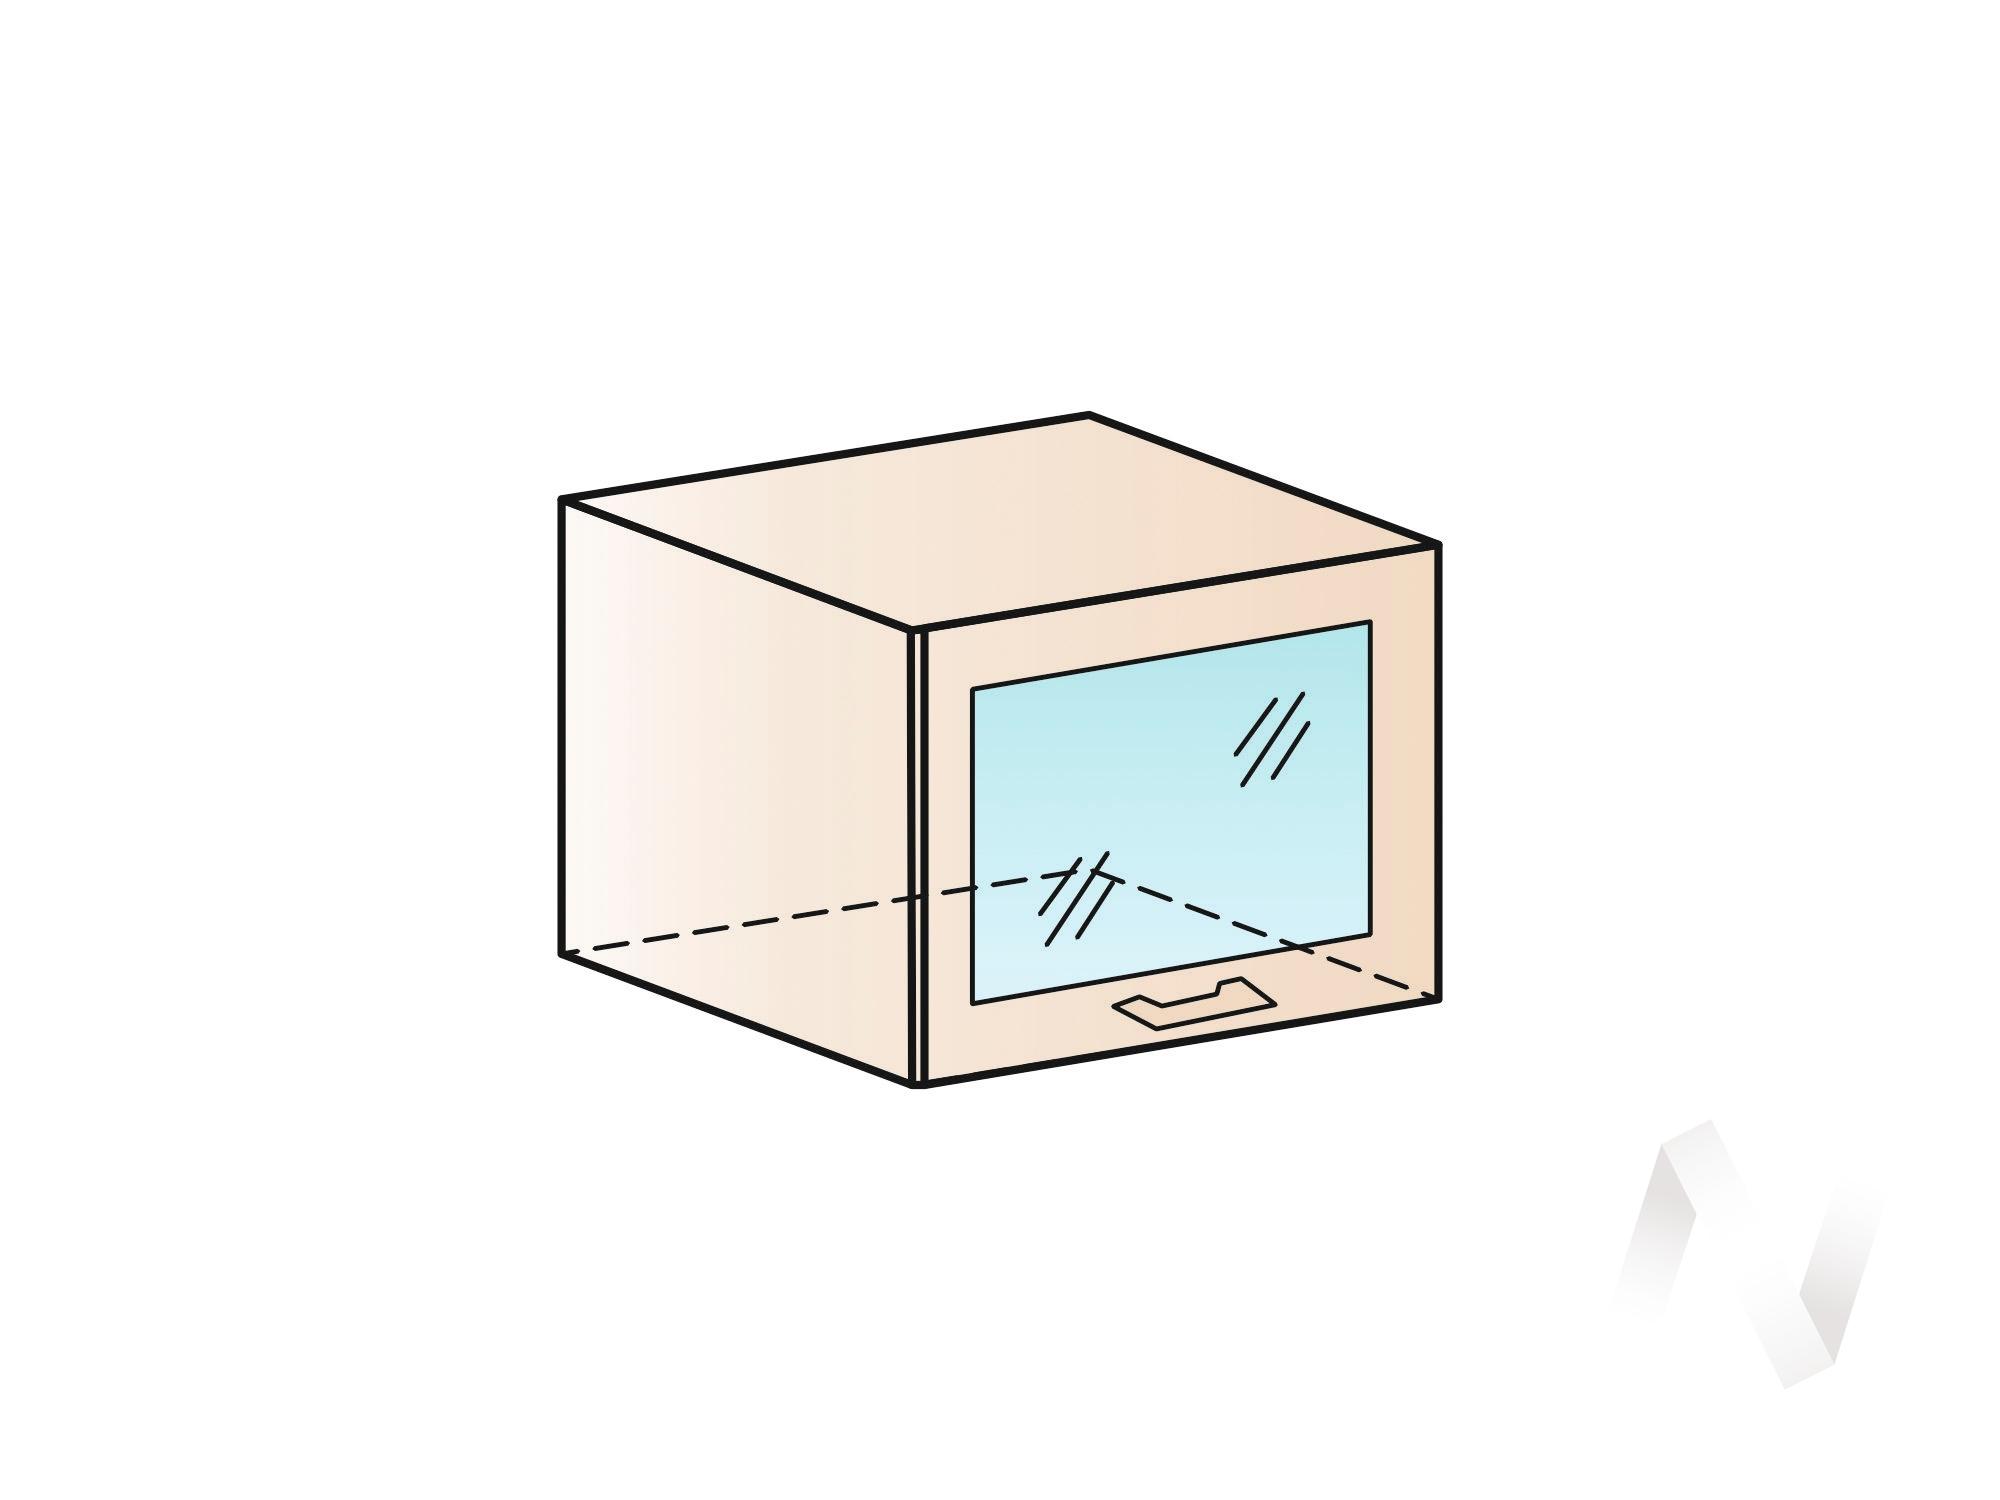 """Кухня """"Люкс"""": Шкаф верхний горизонтальный со стеклом 500, ШВГС 500 (Шелк жемчуг/корпус белый) в Томске — авторская мебель Экостиль"""